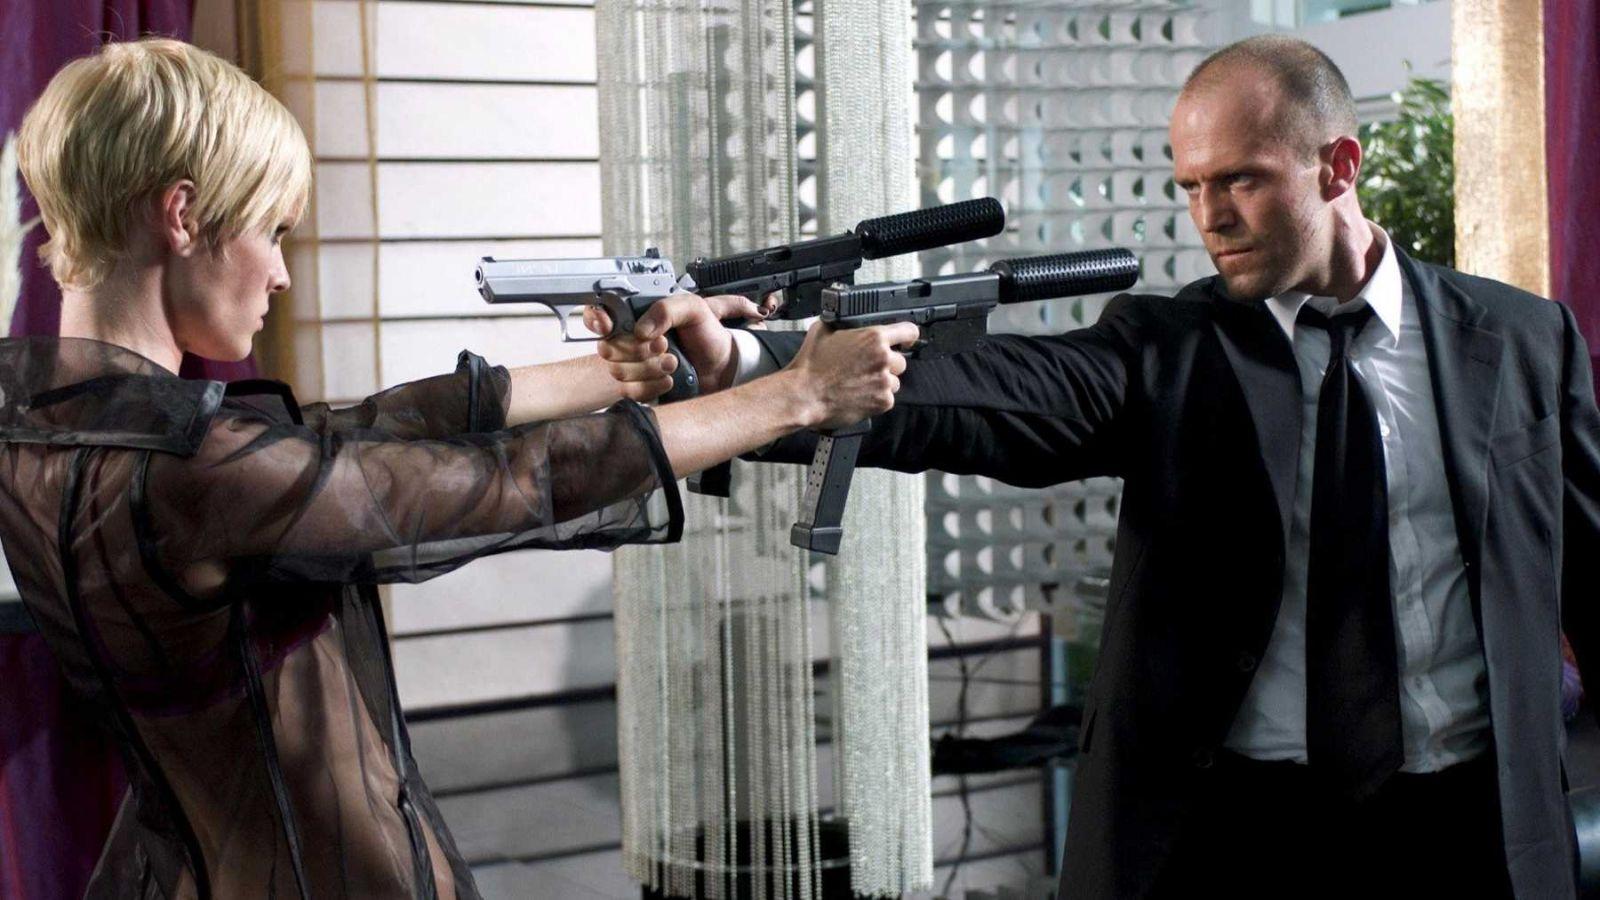 Xem Phim Người Vận Chuyển 2 Jason Statham Full HD Thuyết Minh QUÁ HAY